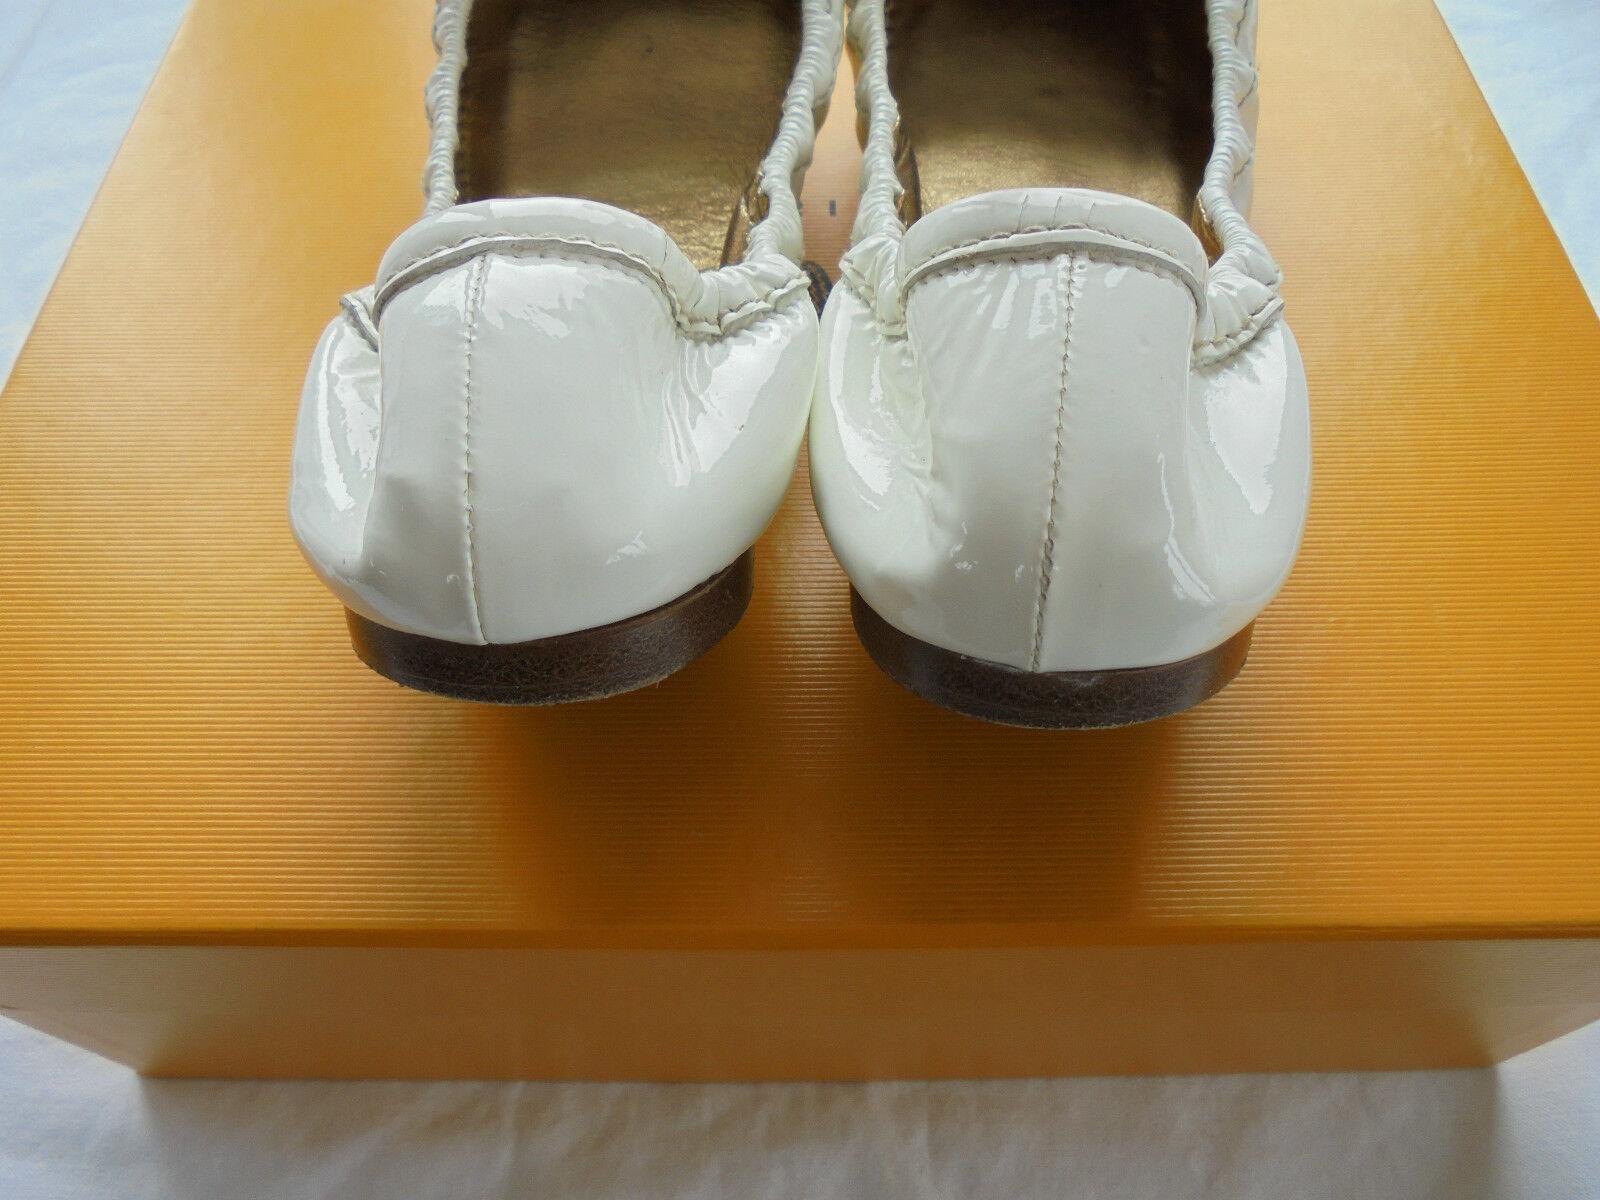 Car Schuhe NP by PRADA Lackleder Ballerinas NP Schuhe  w NEU Pumps Schuhe Gr. 36 36,5 37 9ec85a